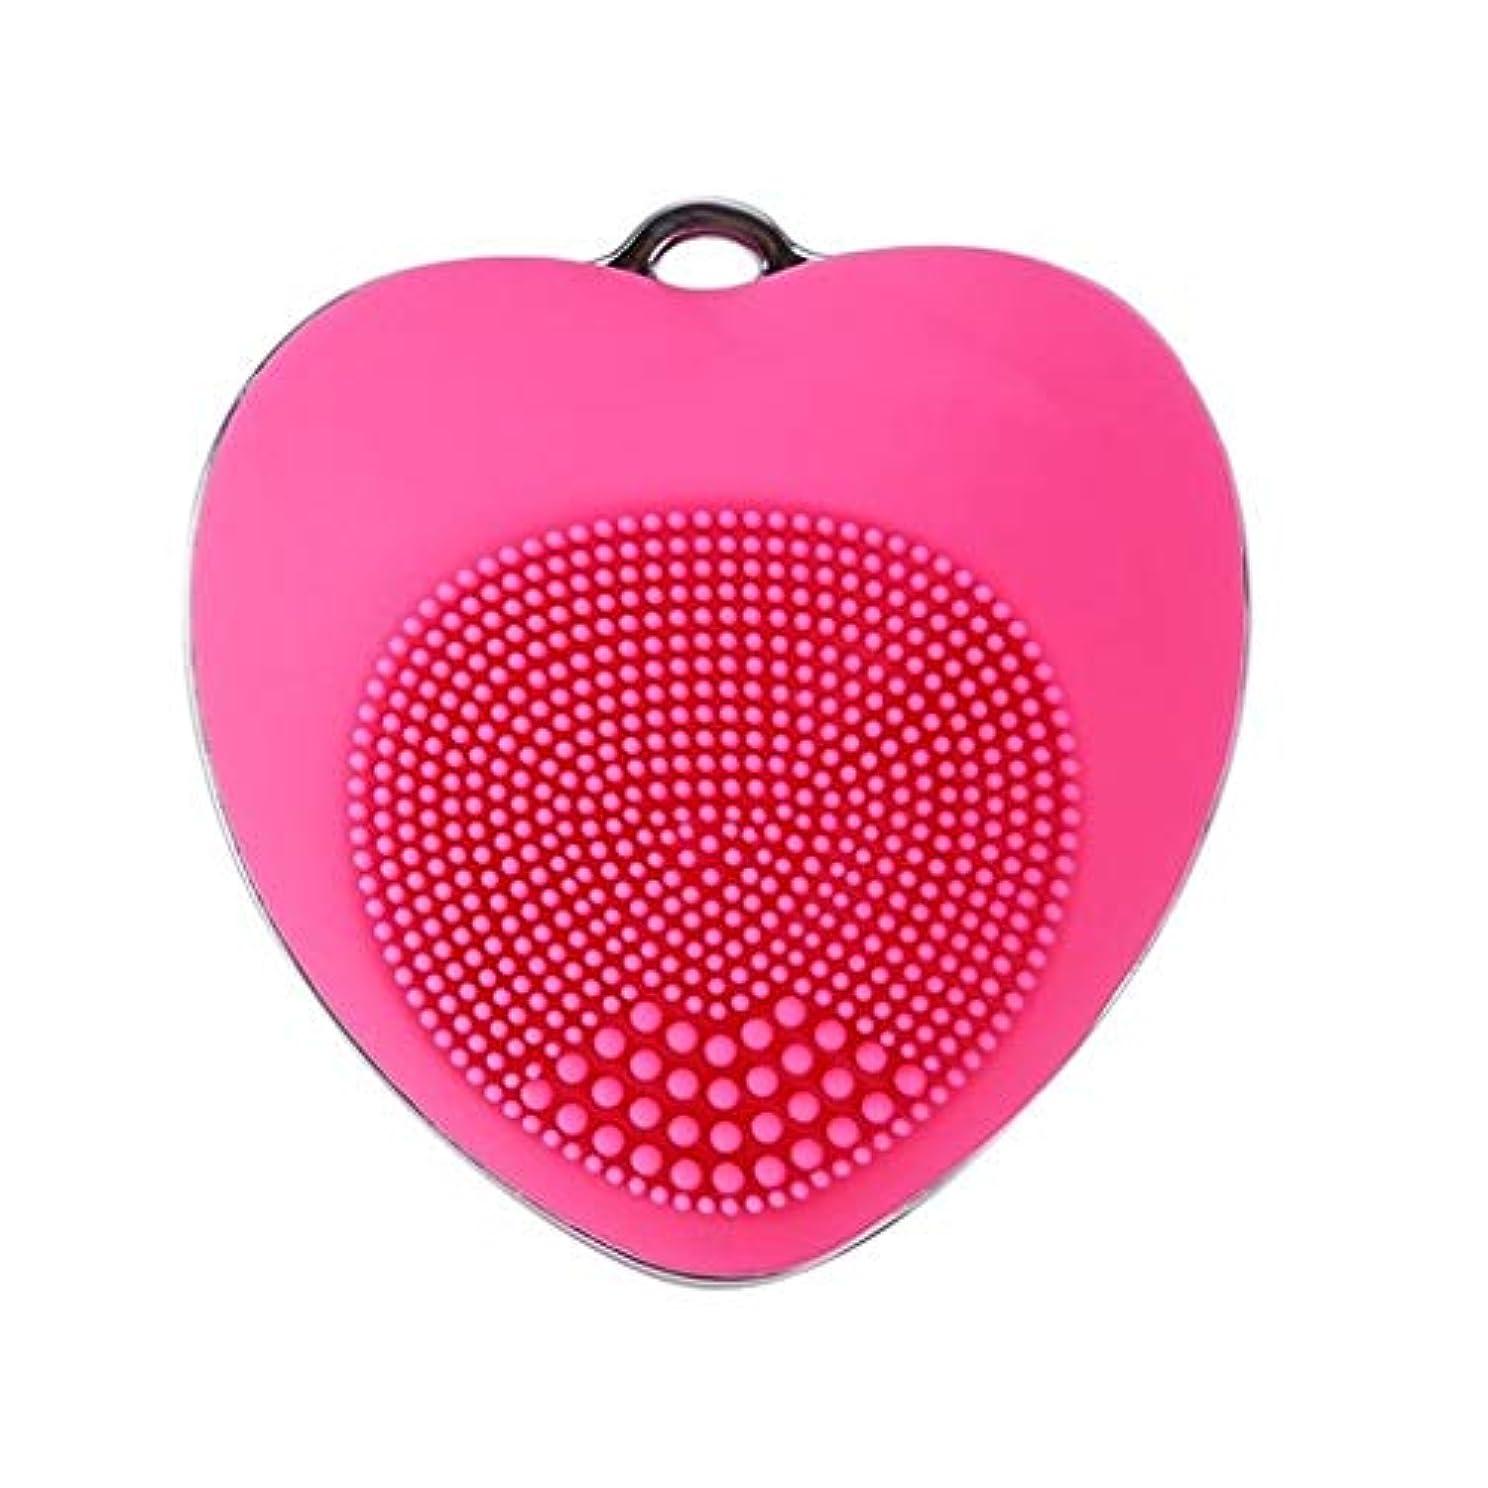 レオナルドダ不注意盗賊電気クレンジング器具、超音波洗浄ポータブルフェイシャルマッサージャーきれいな毛穴深いクレンジング穏やかな角質除去黒ずみを除去 (Color : Rose Red)